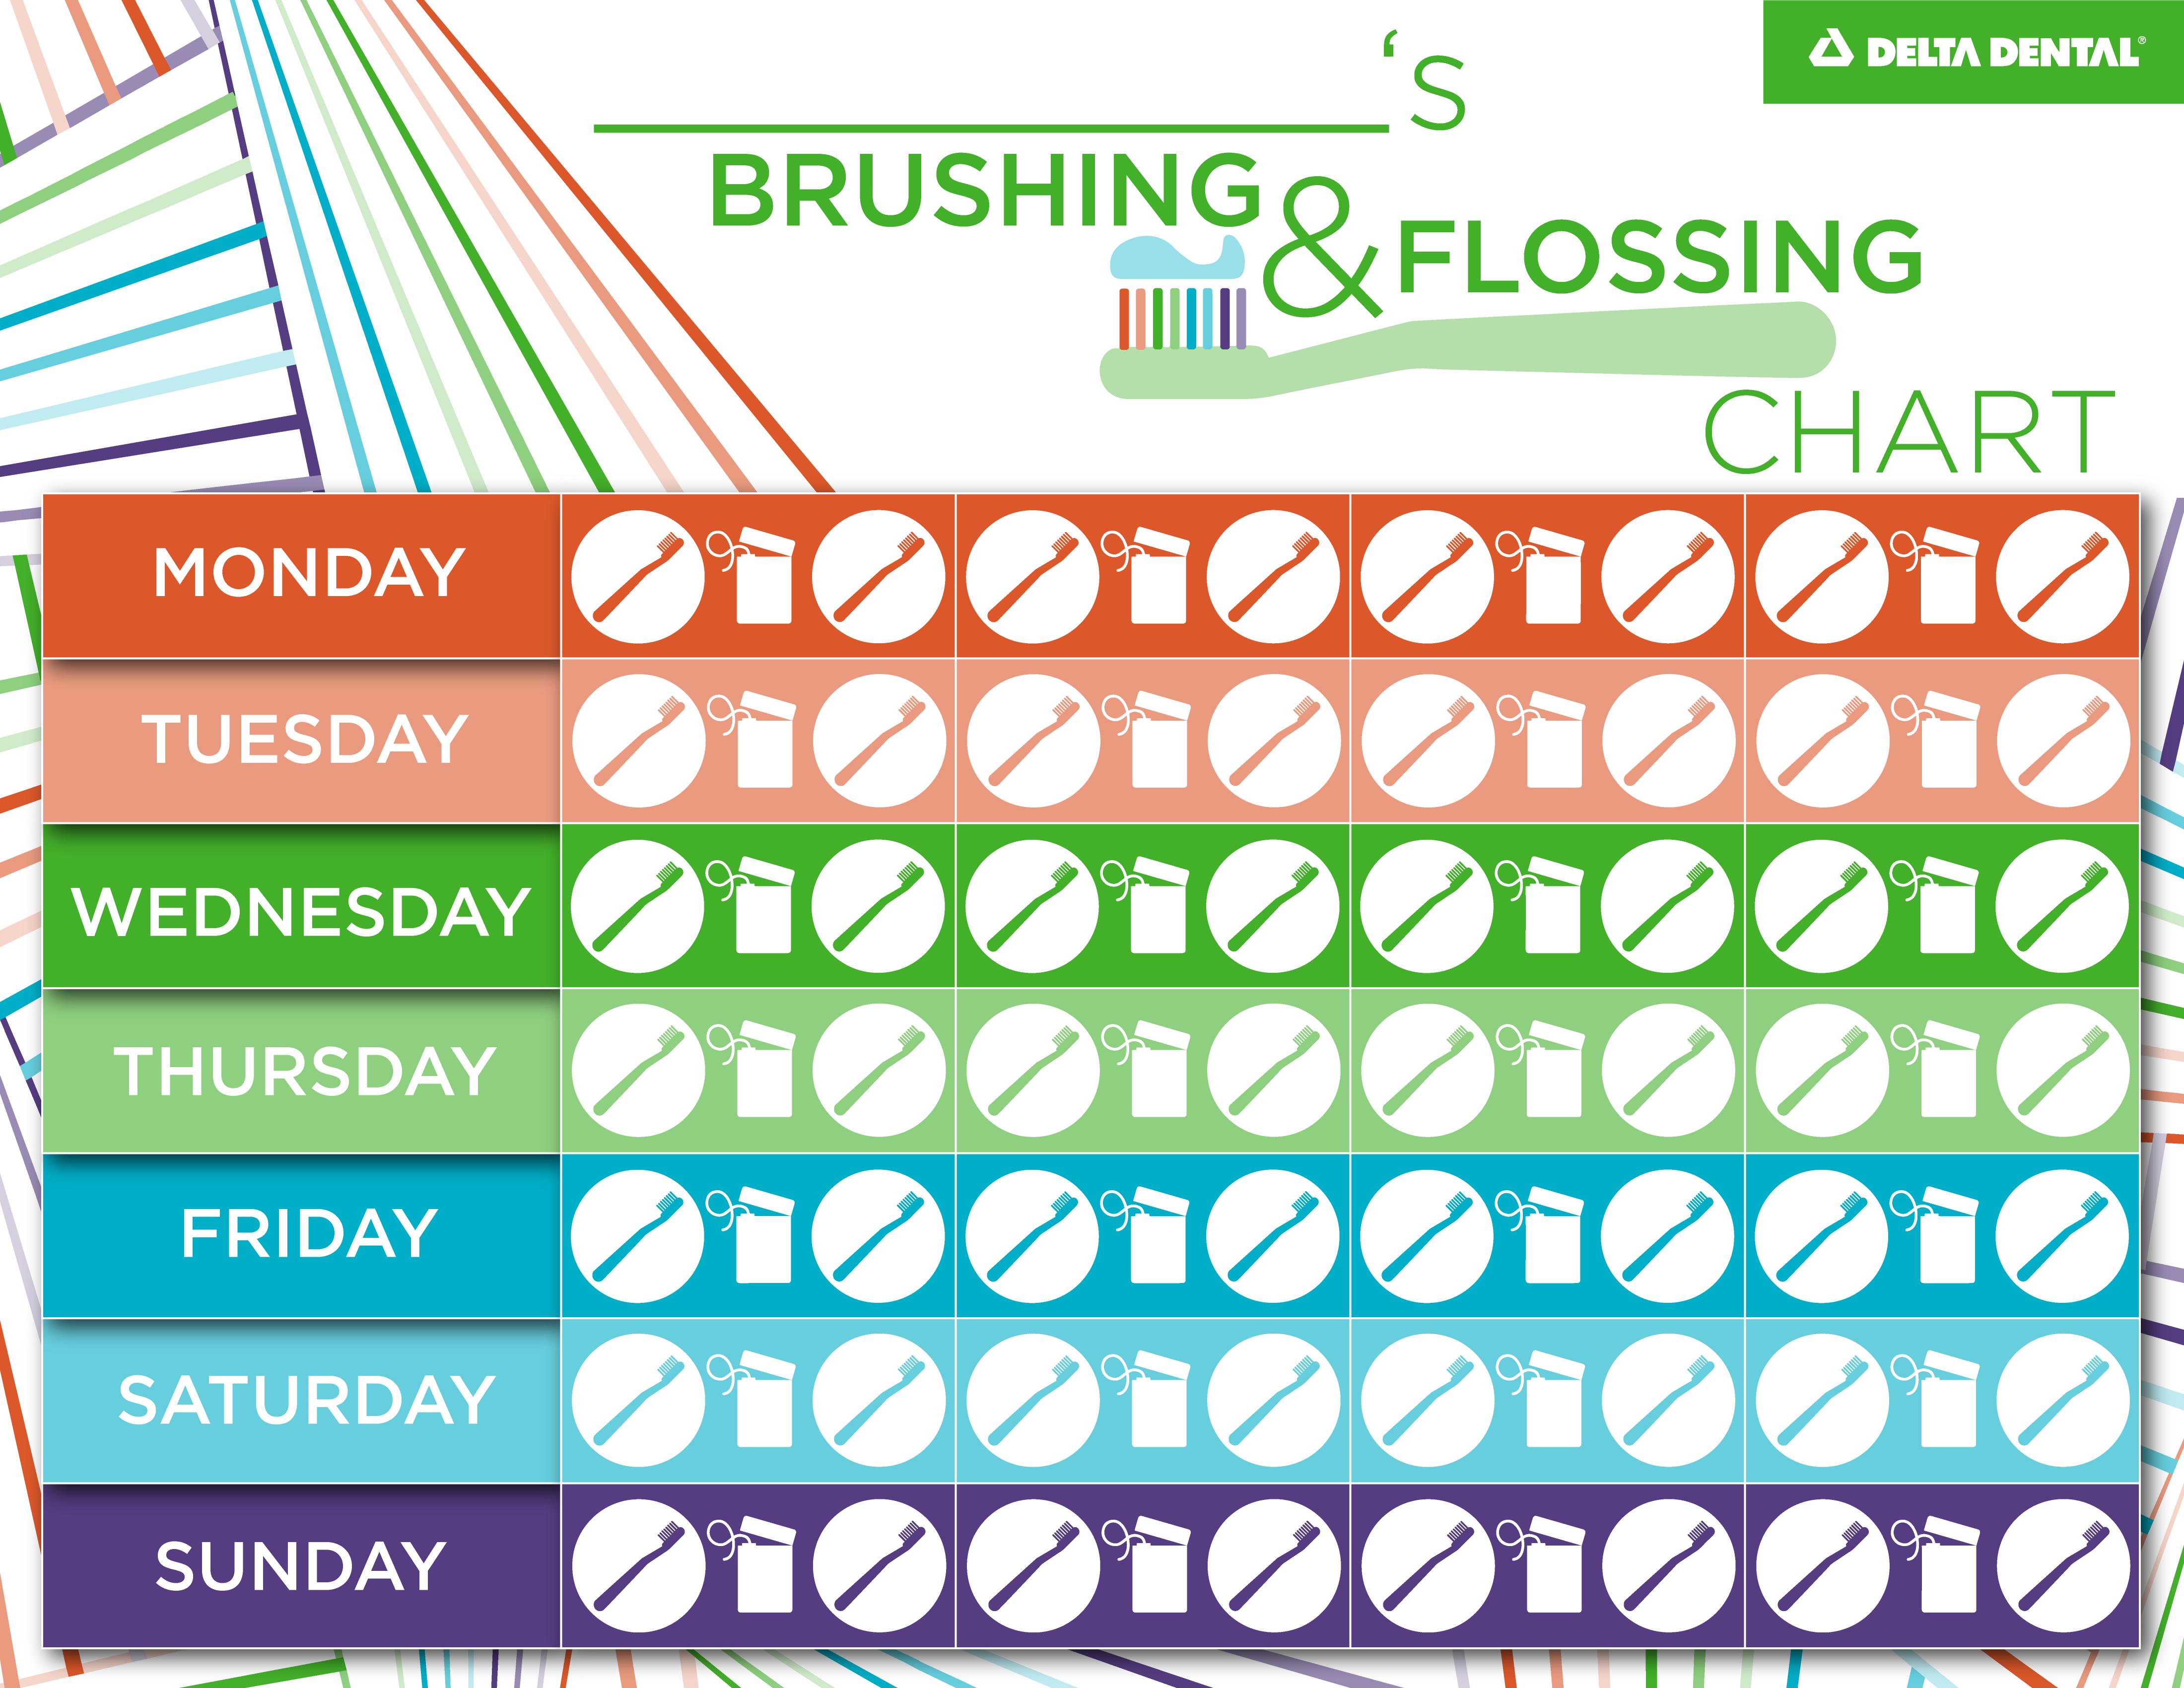 brushing chart